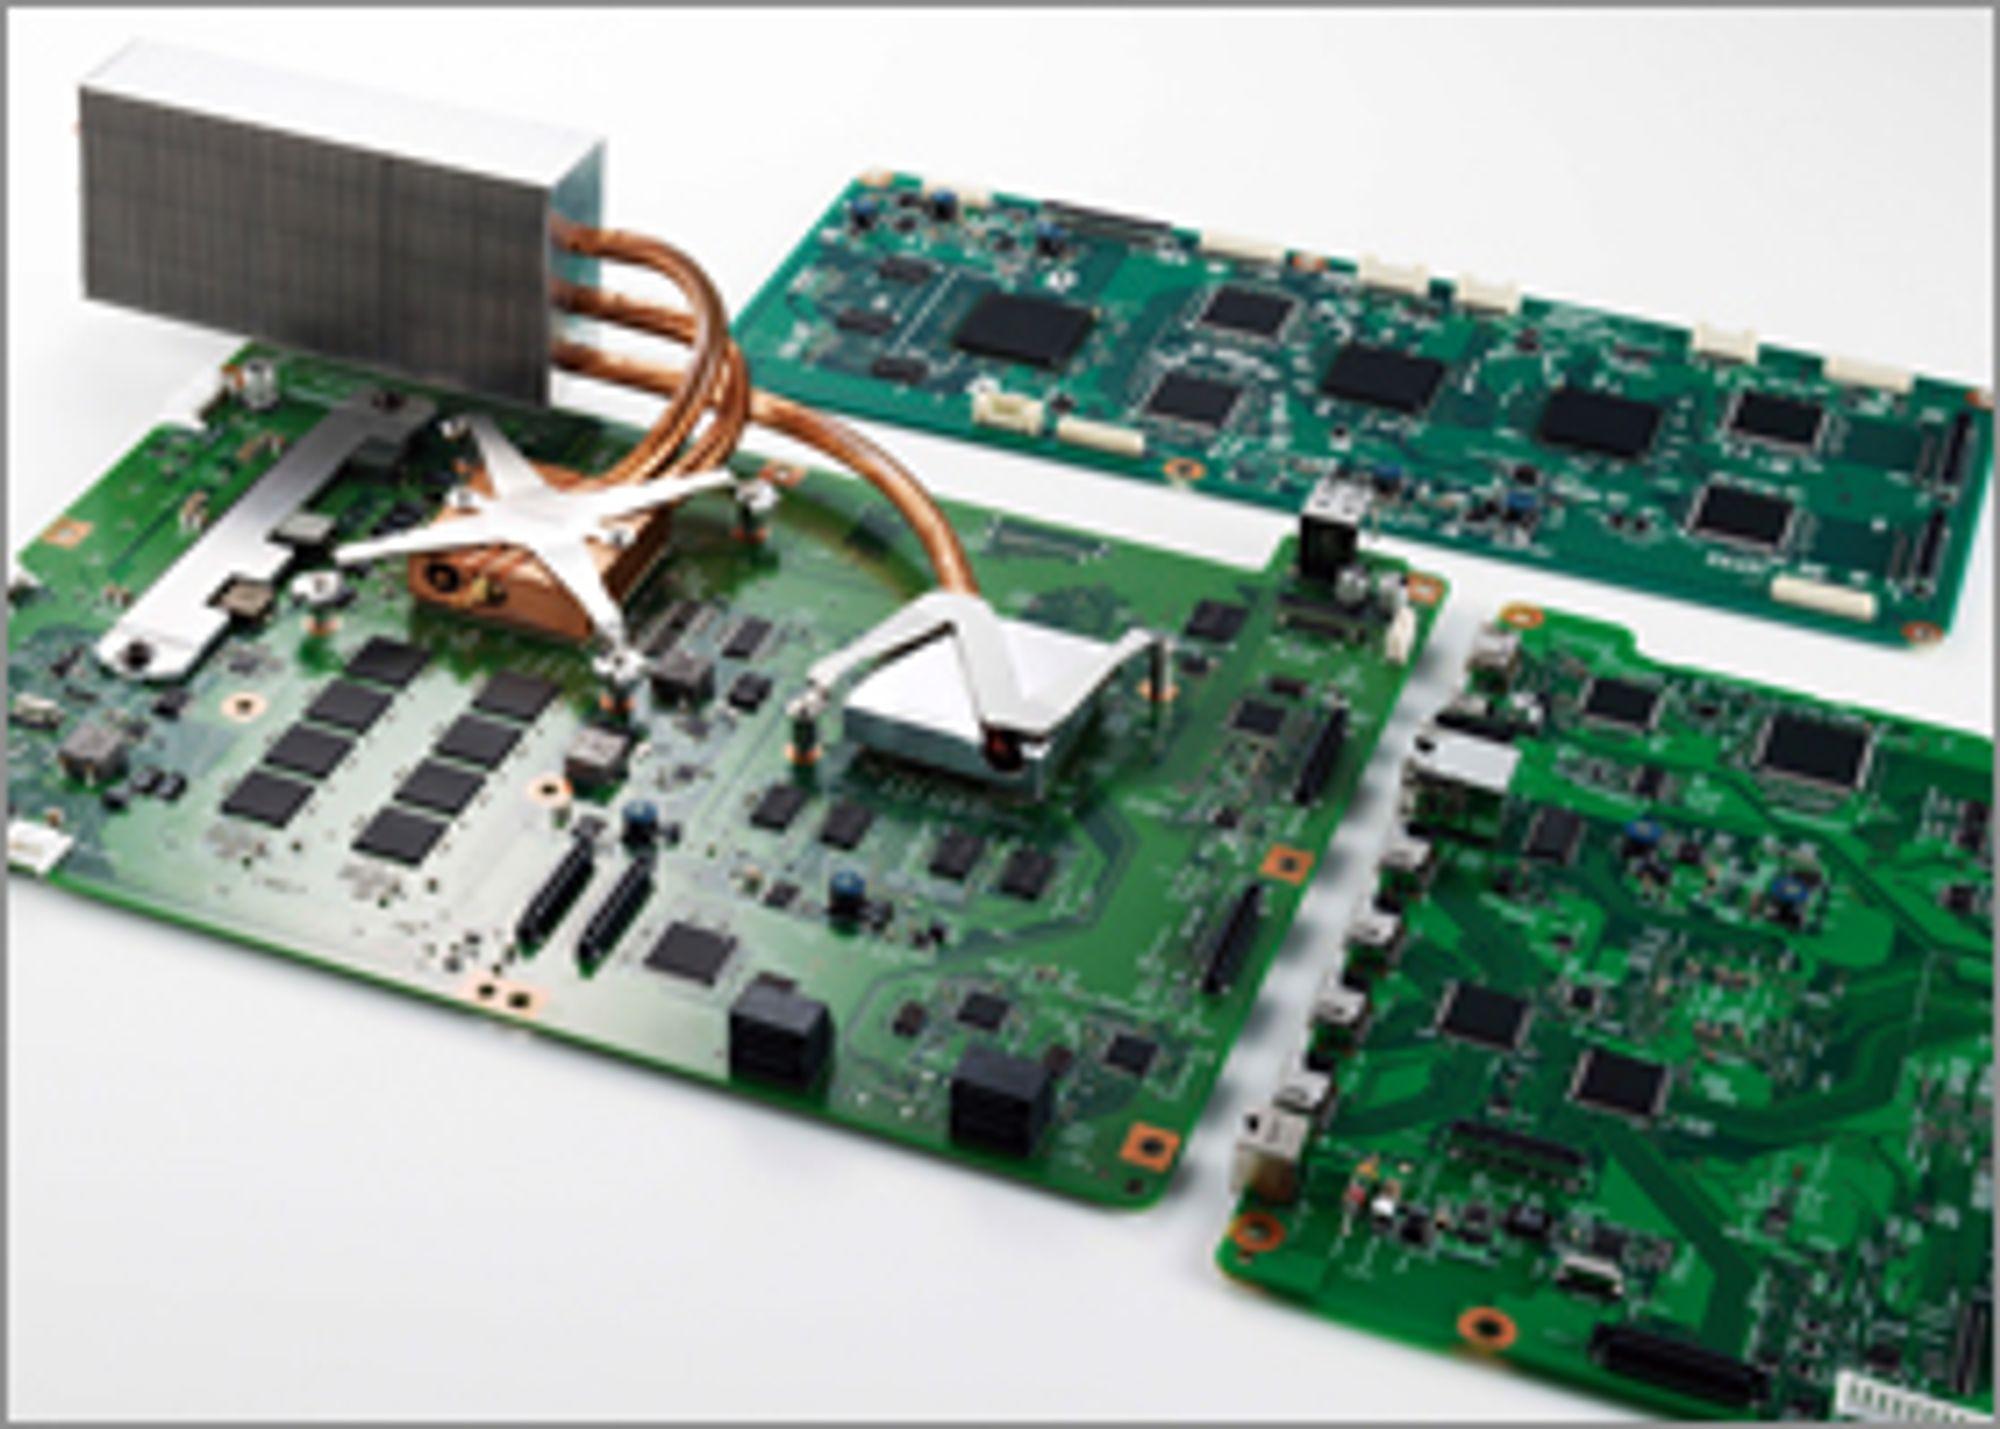 Kretskort i TV-en med bl.a. Cell-prosessoren til venstre